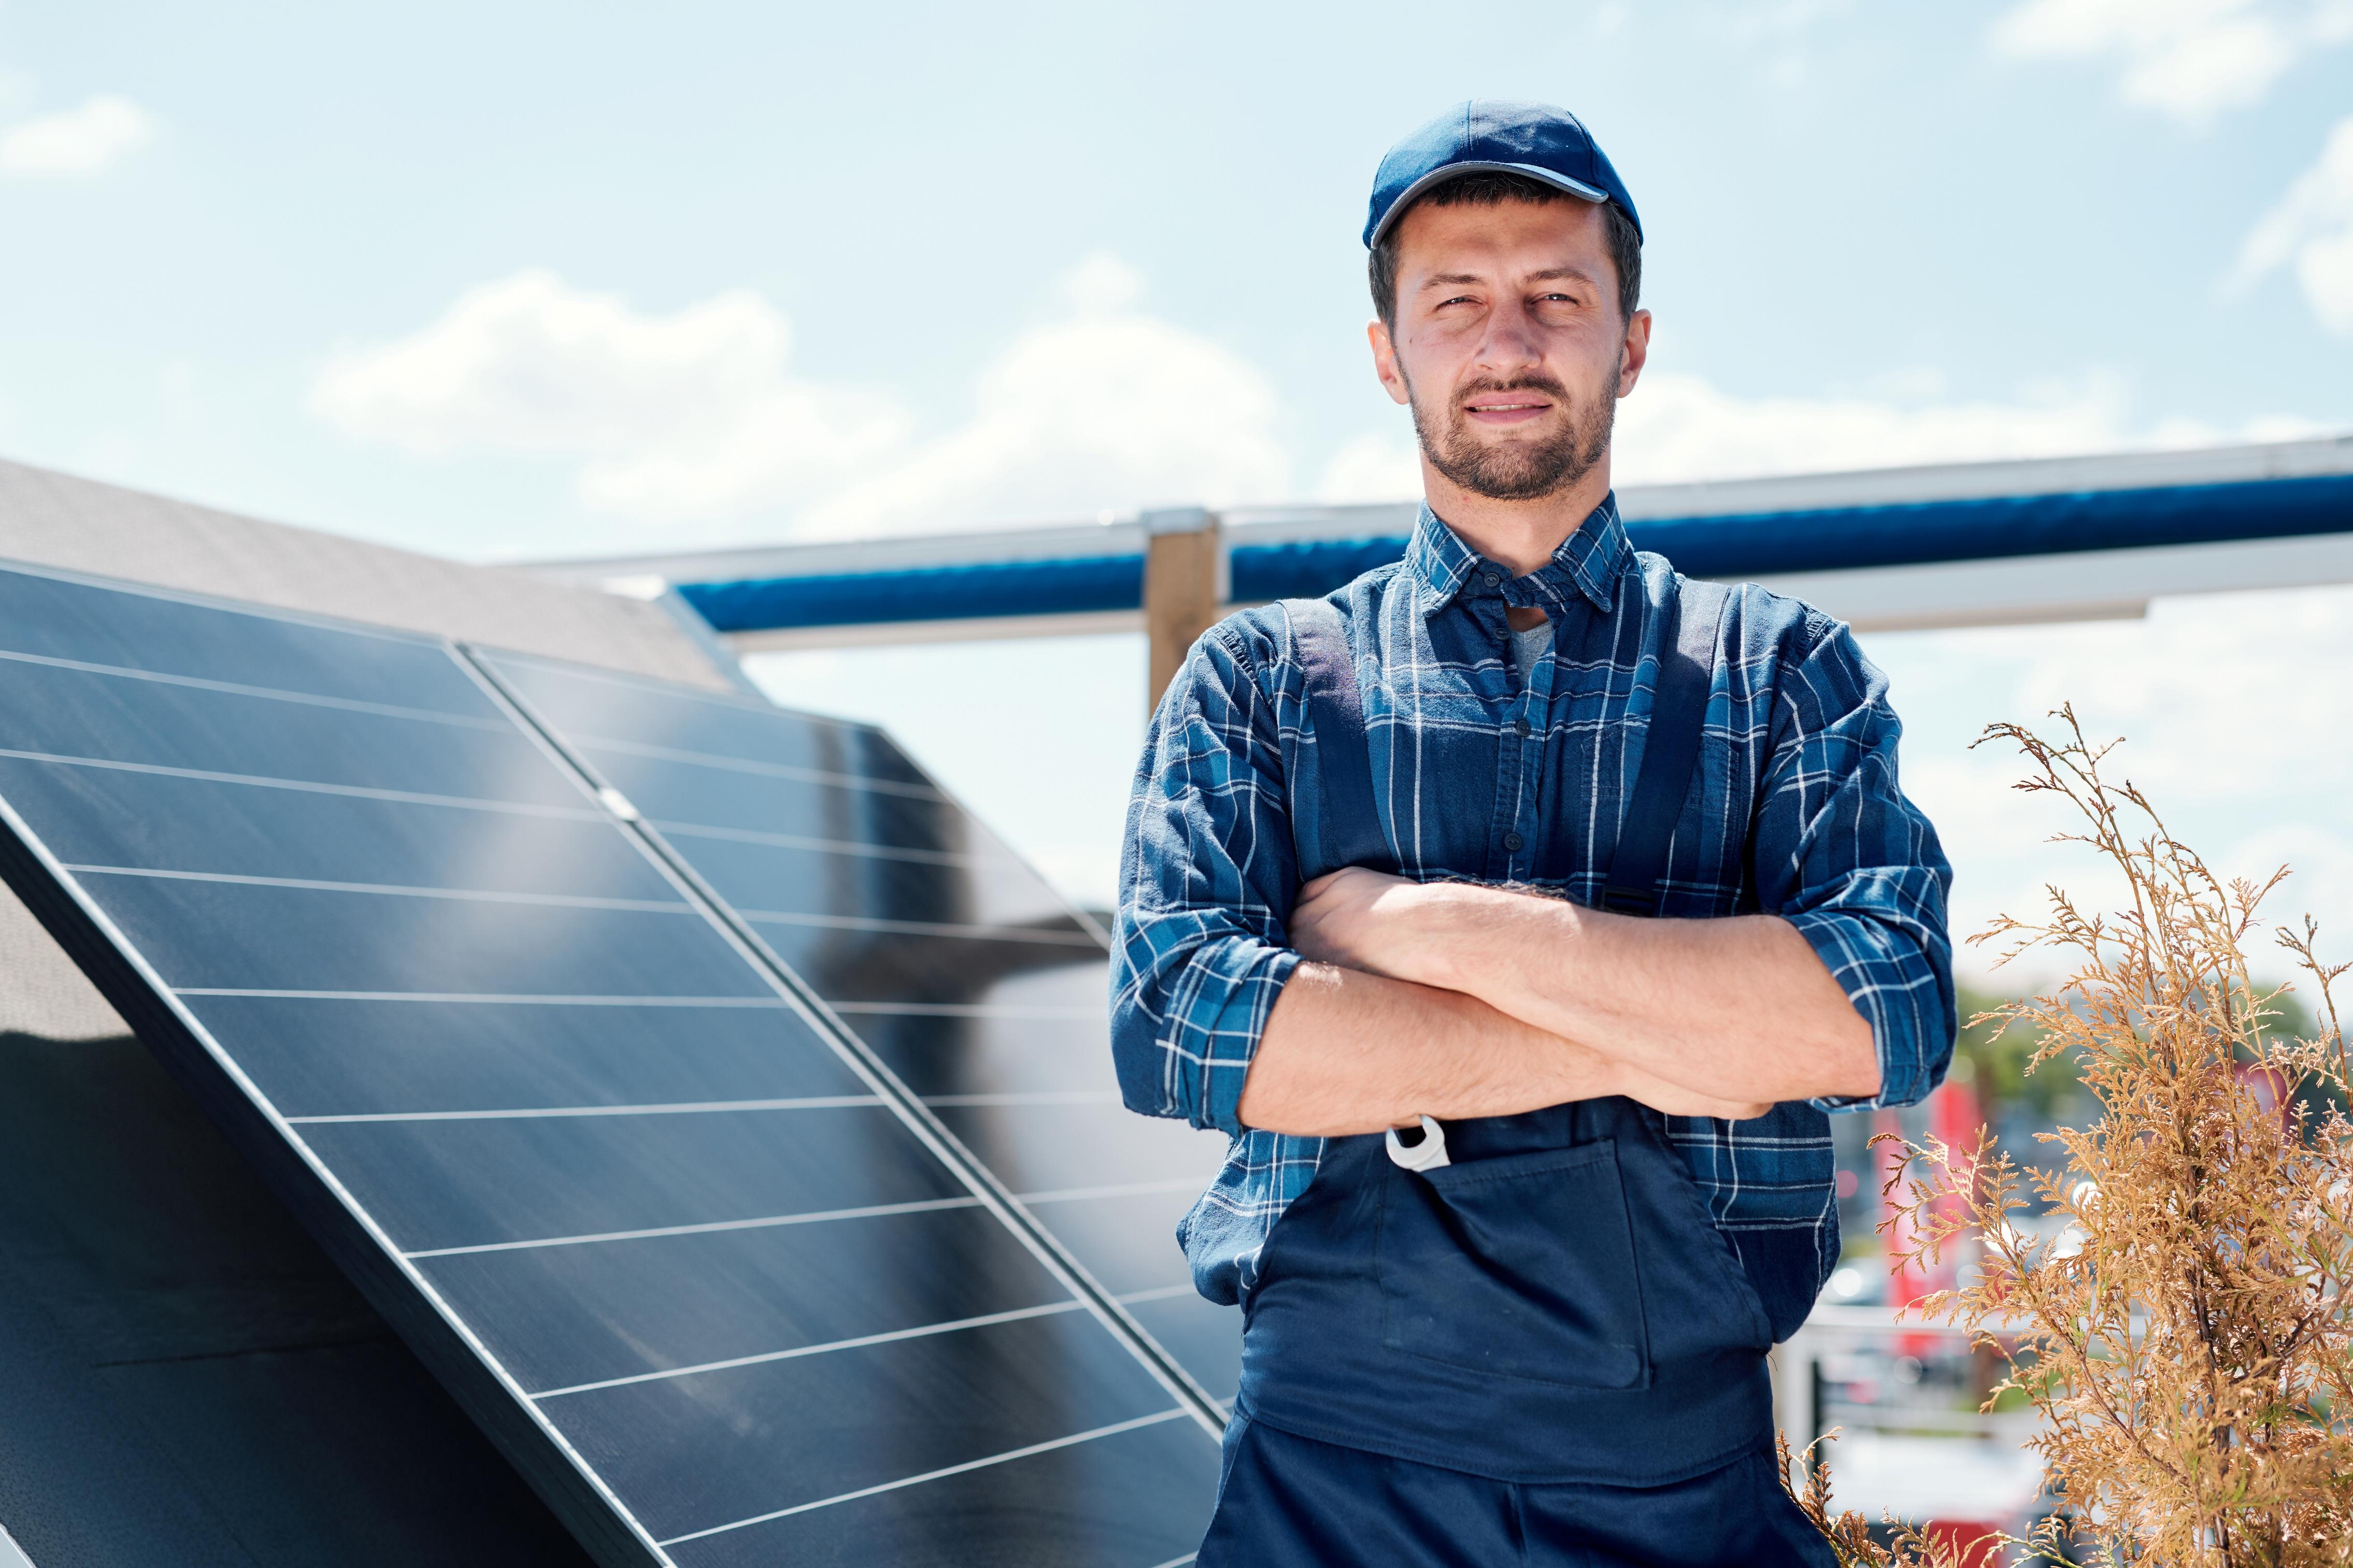 Vendere Energia Elettrica Da Fotovoltaico impianto fotovoltaico: come sceglierlo al meglio